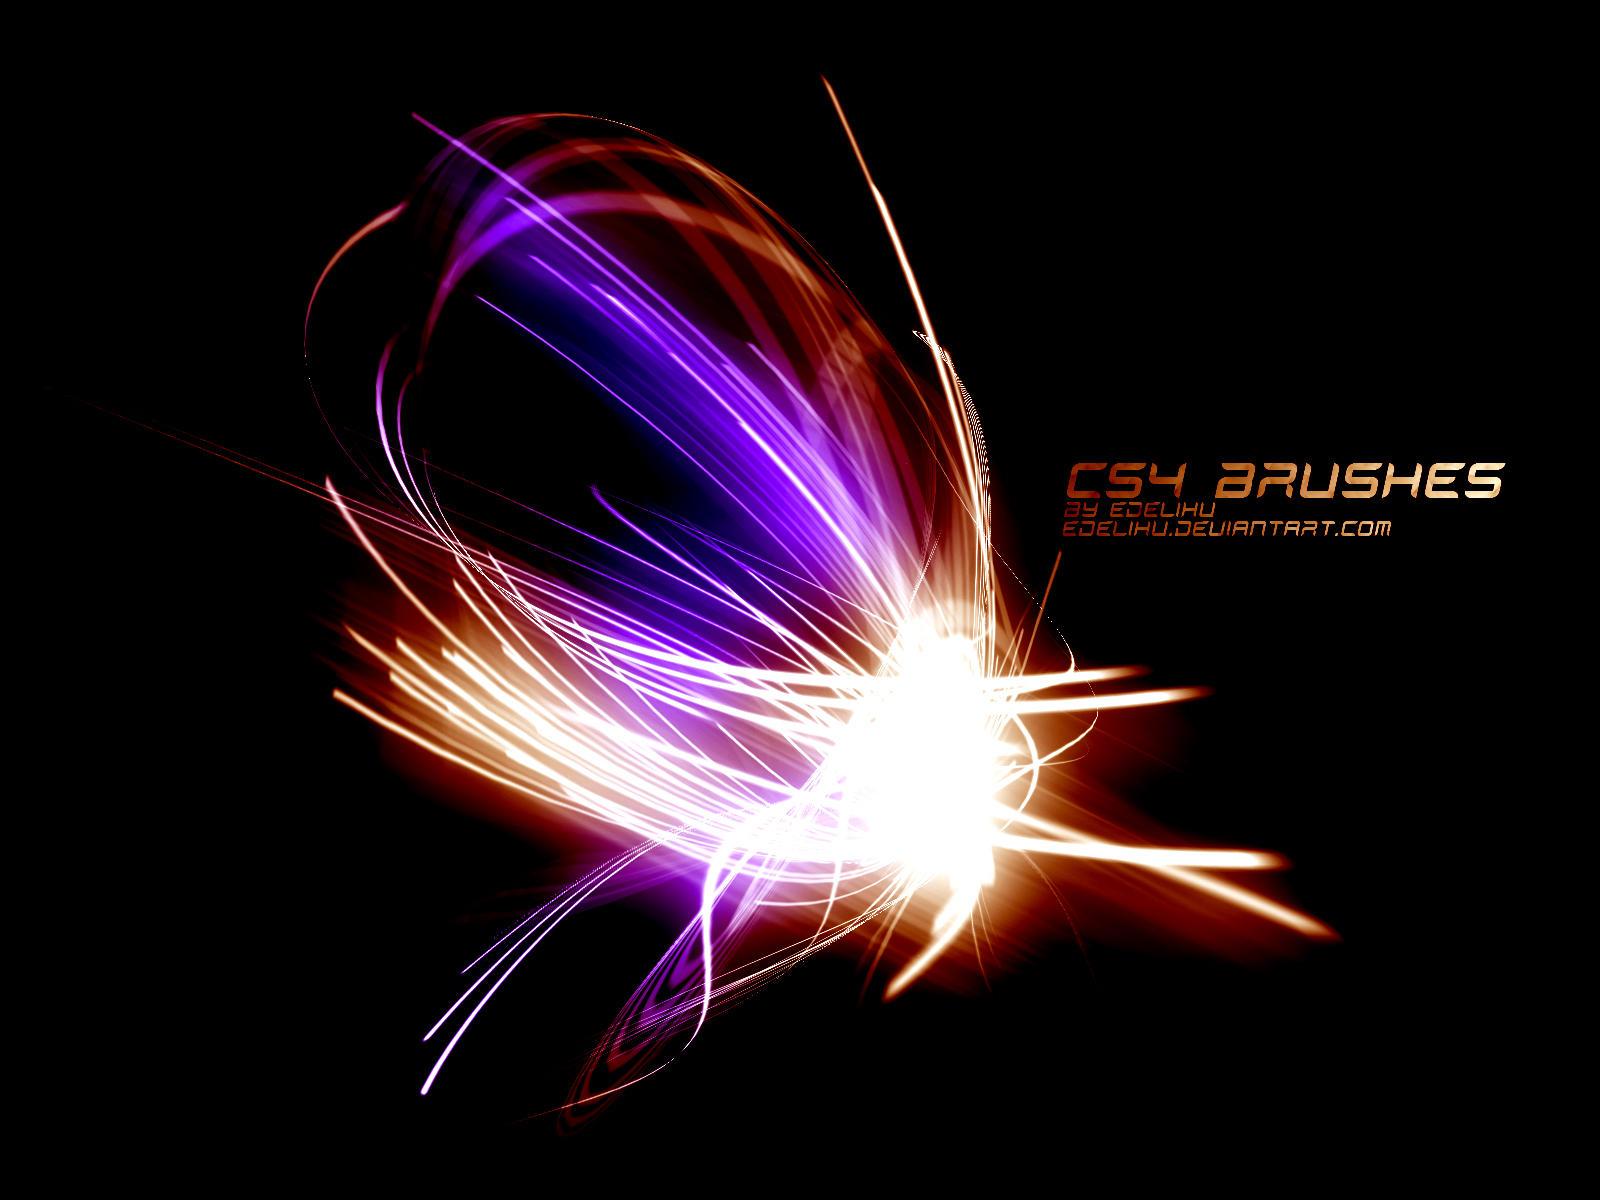 CS4 Brushes by Edelihu